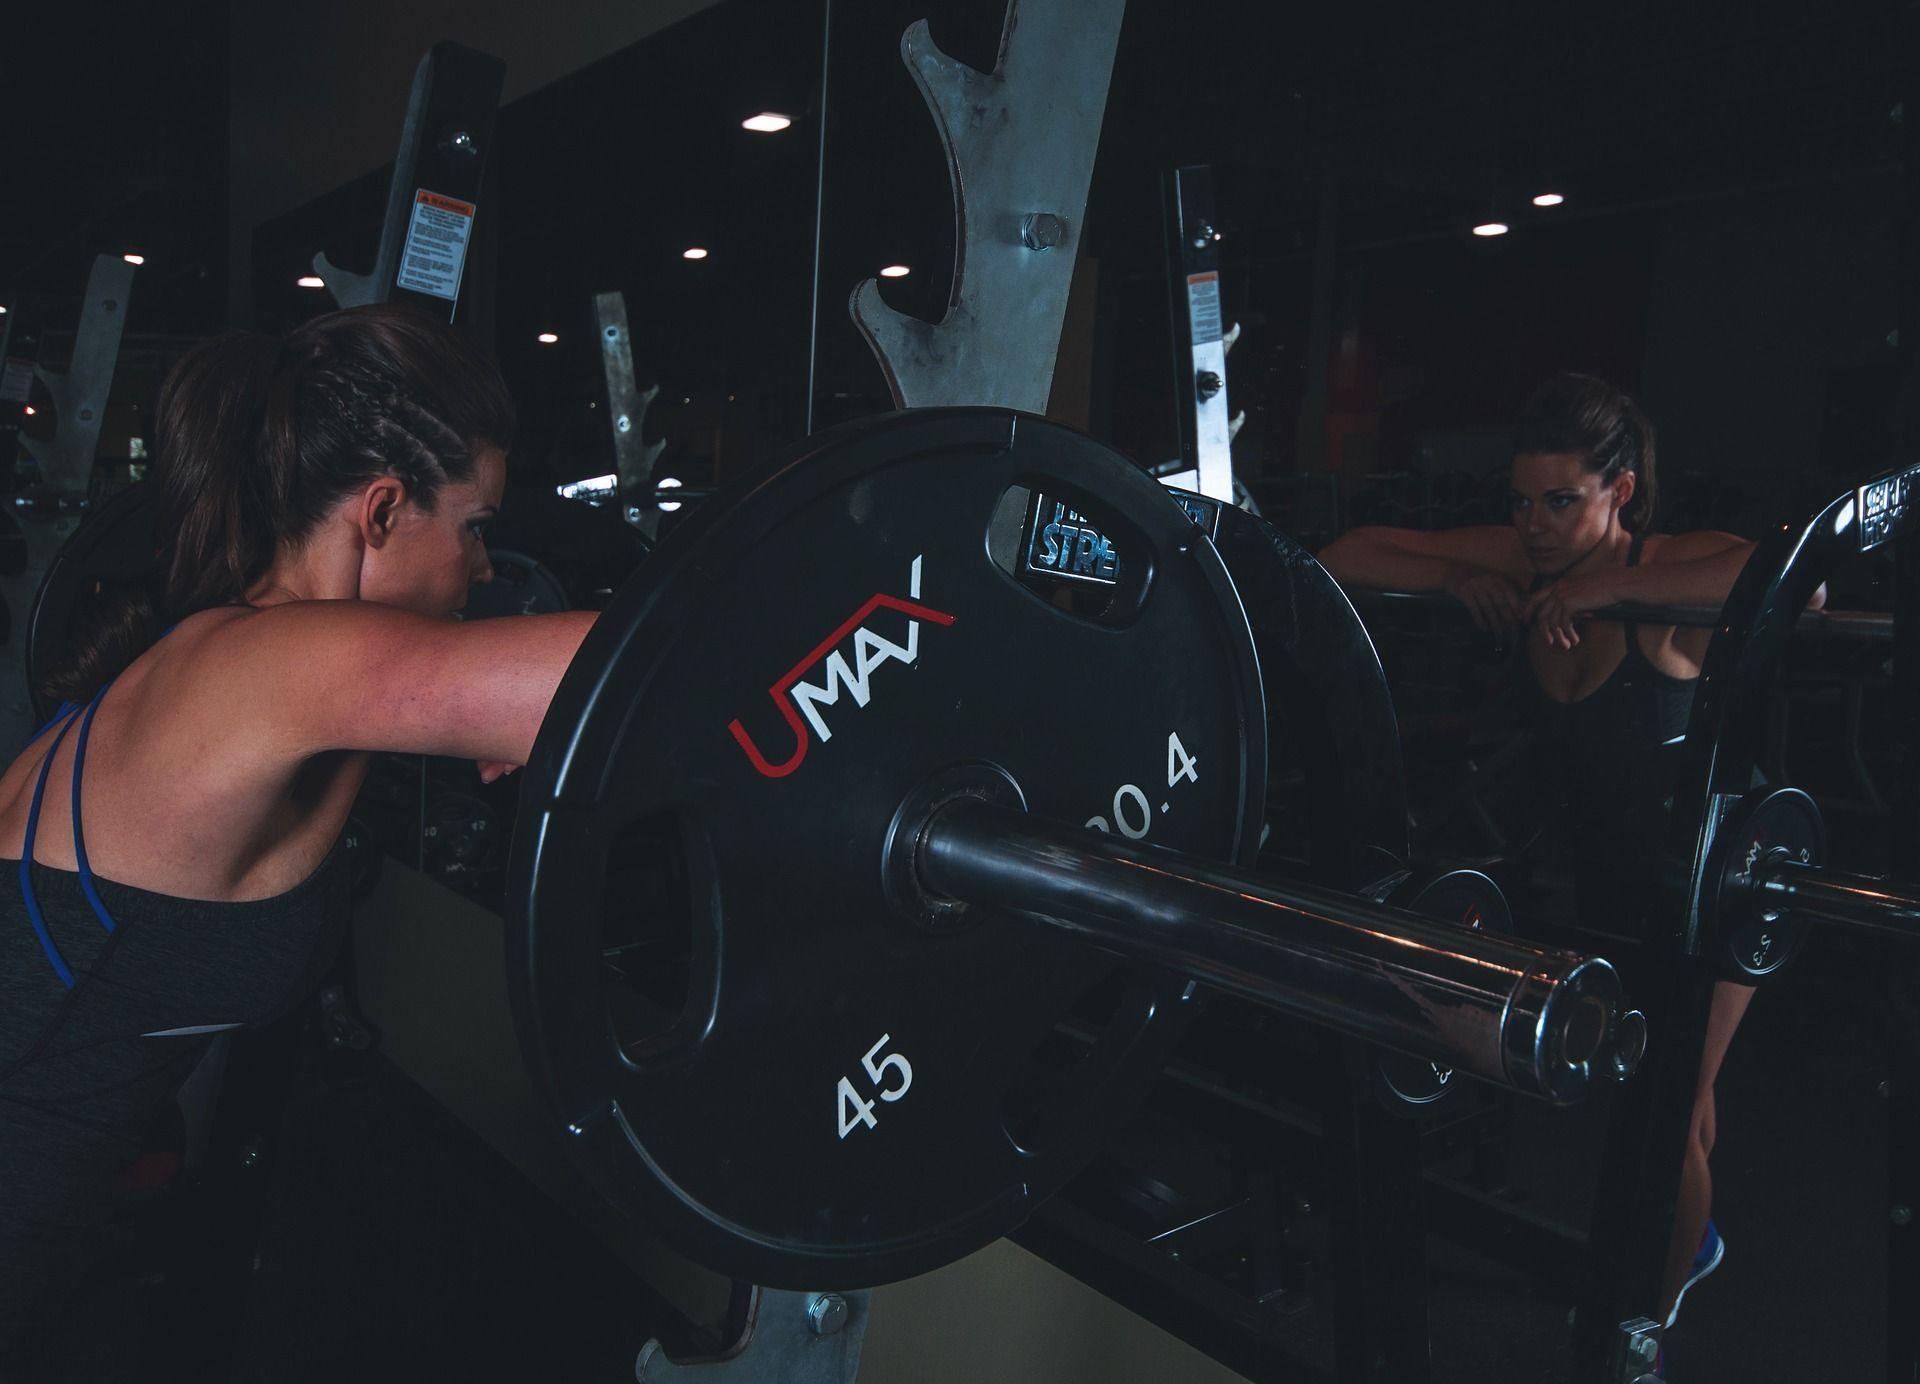 Krafttraining ist nur was für Männer? 5 Gründe warum gerade Frauen Gewichte stemmen sollten!